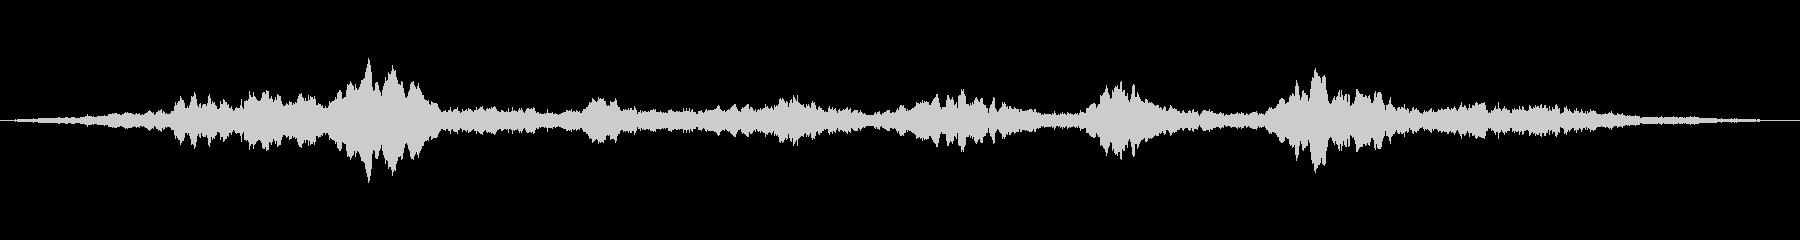 ホイストリングスクラップスペースフ...の未再生の波形